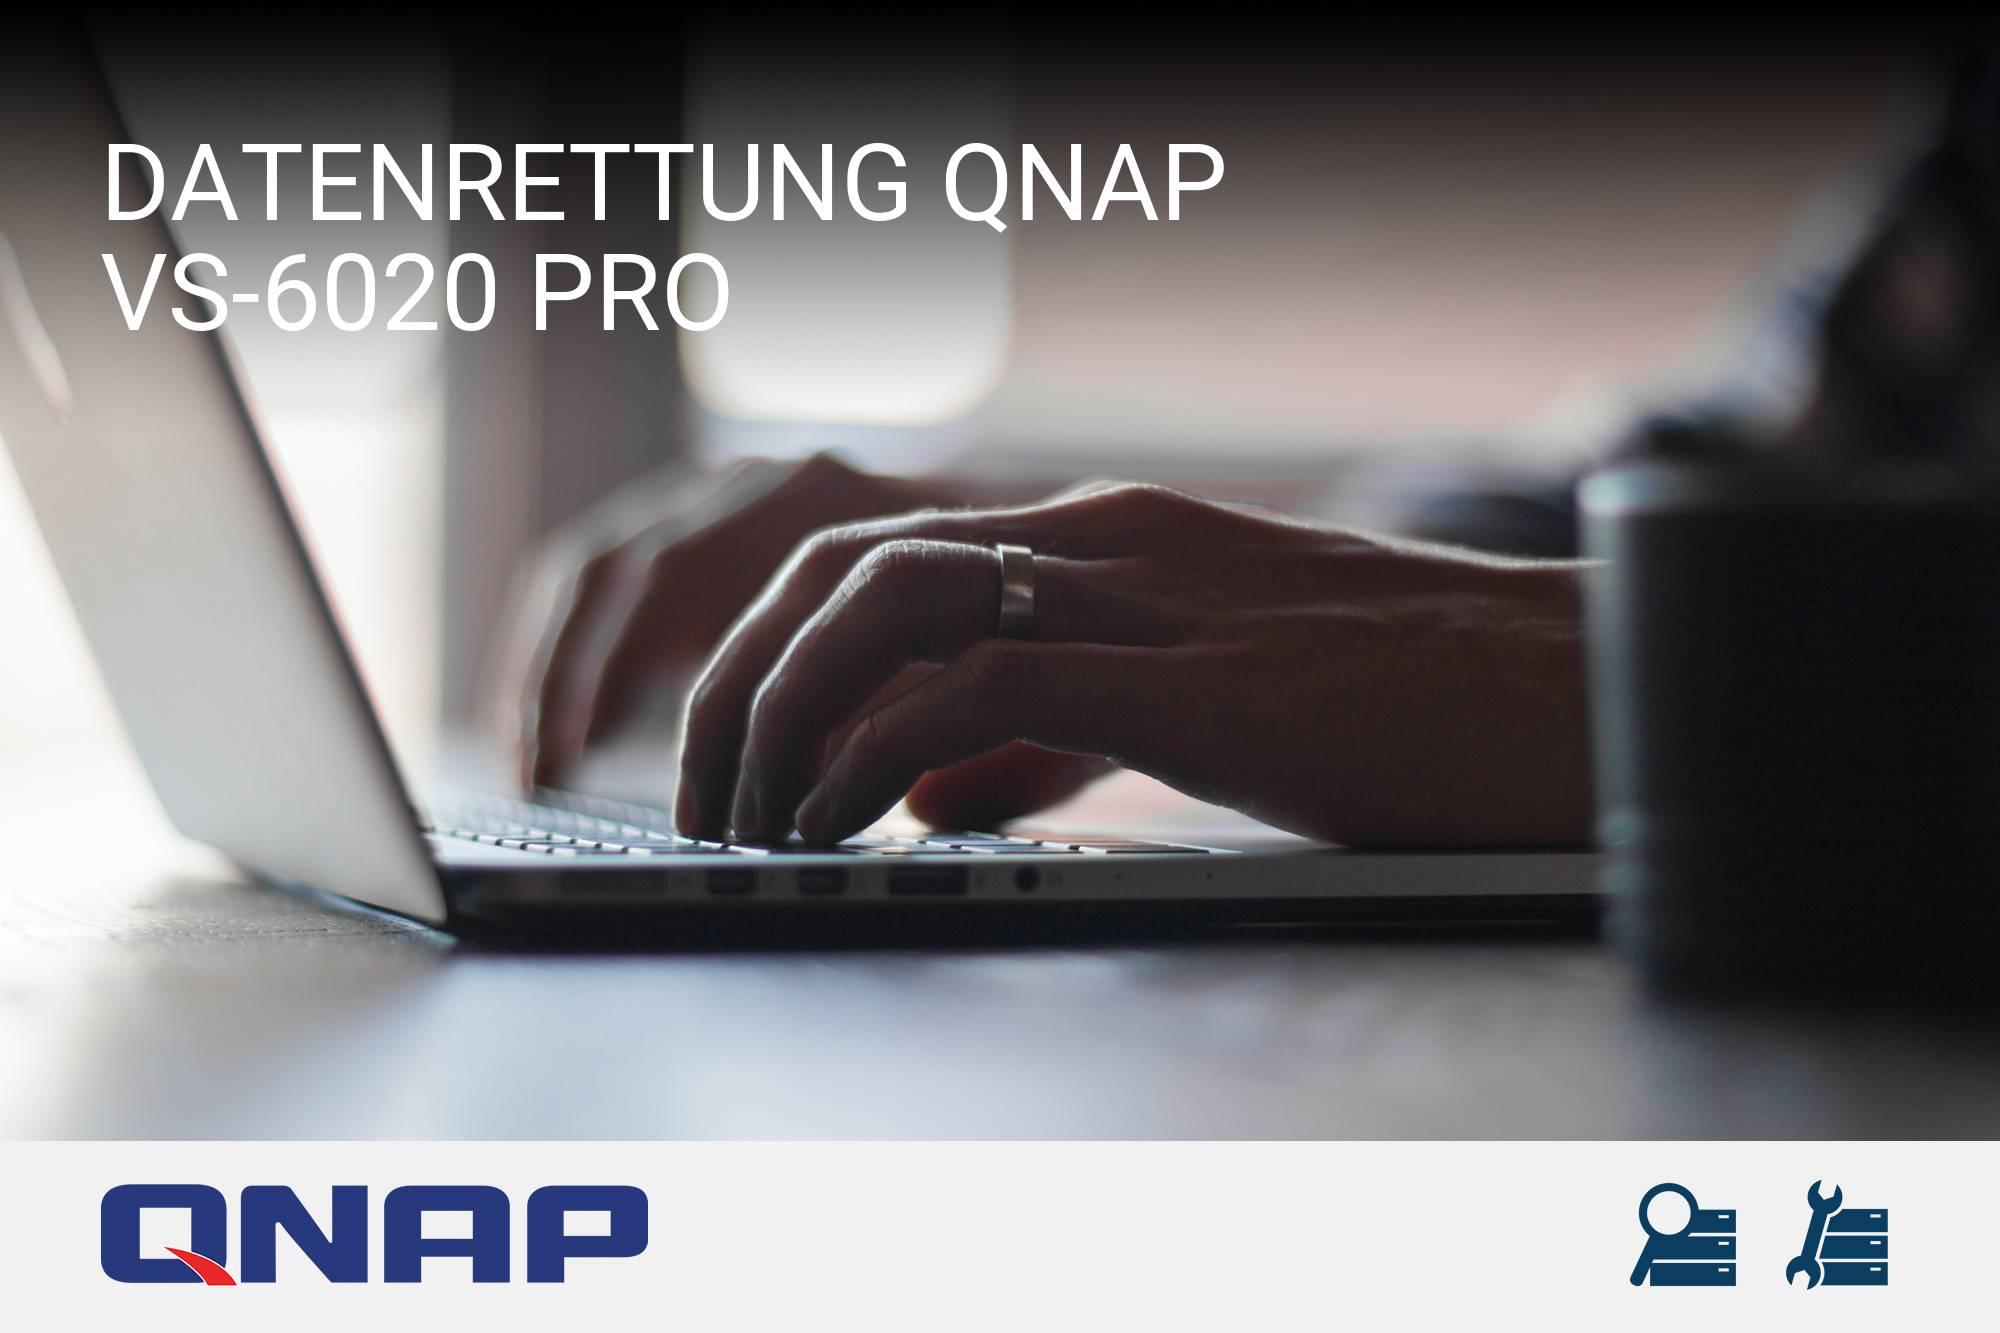 QNAP VS-6020 Pro